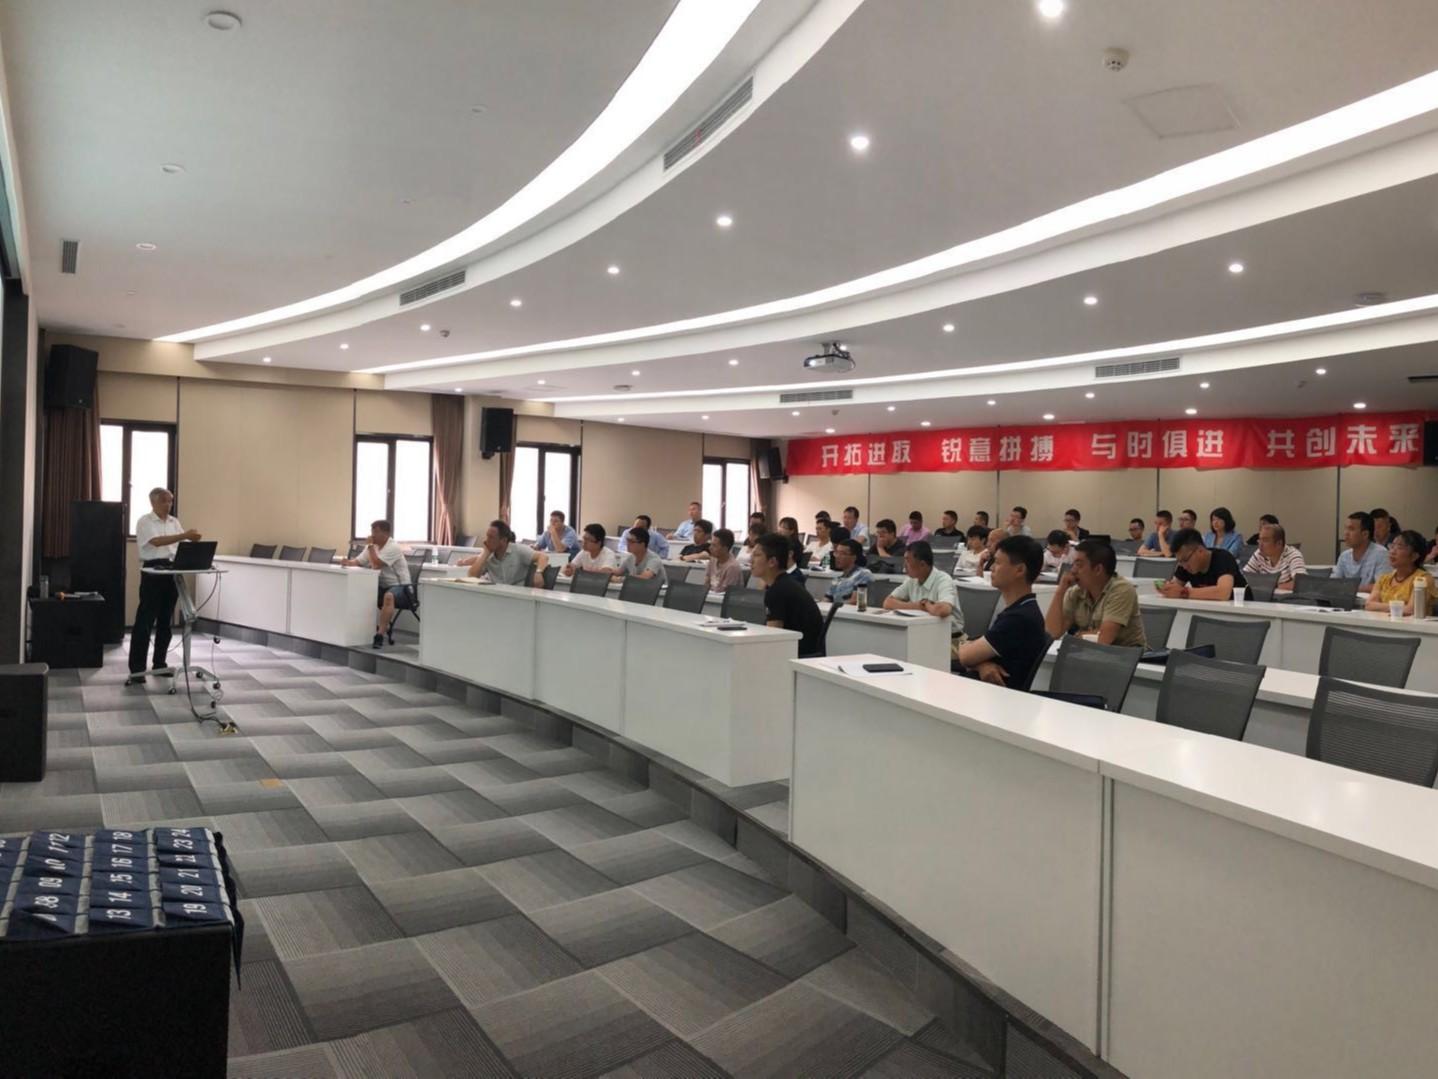 蓝必盛-企业培训教室